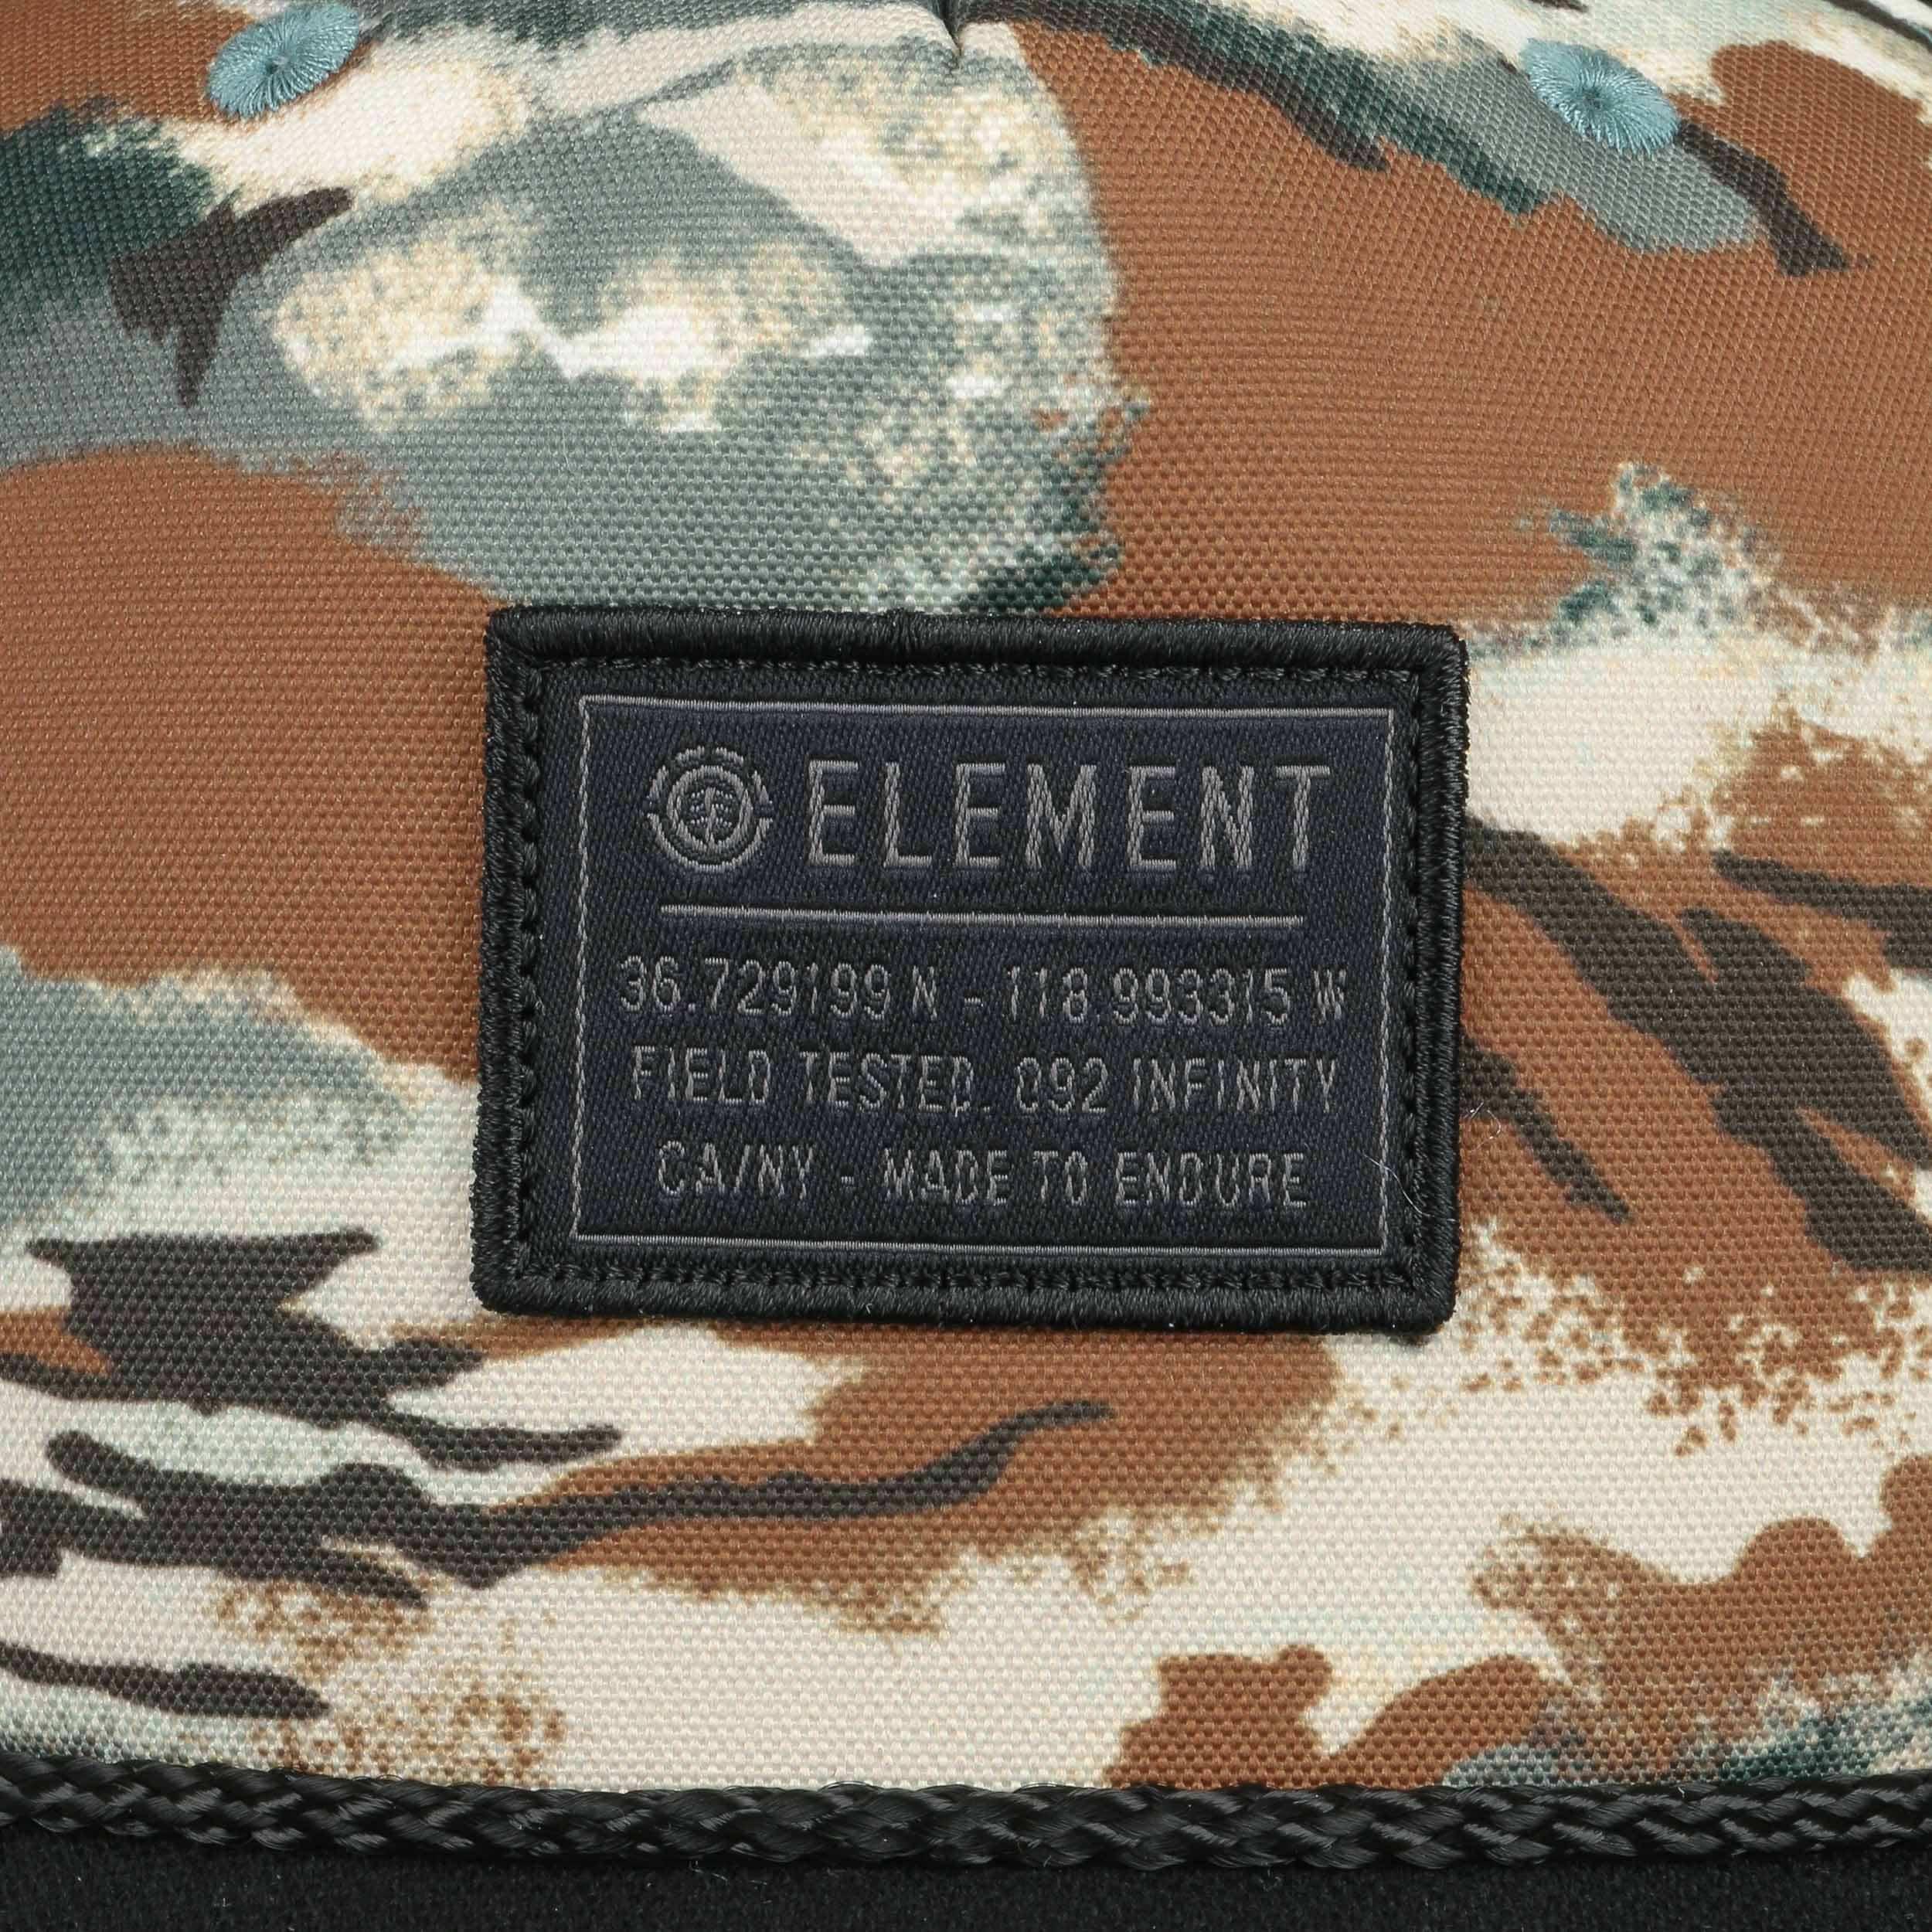 ... Legion Trucker Pet by element - camouflage 4 ... 45321272eba